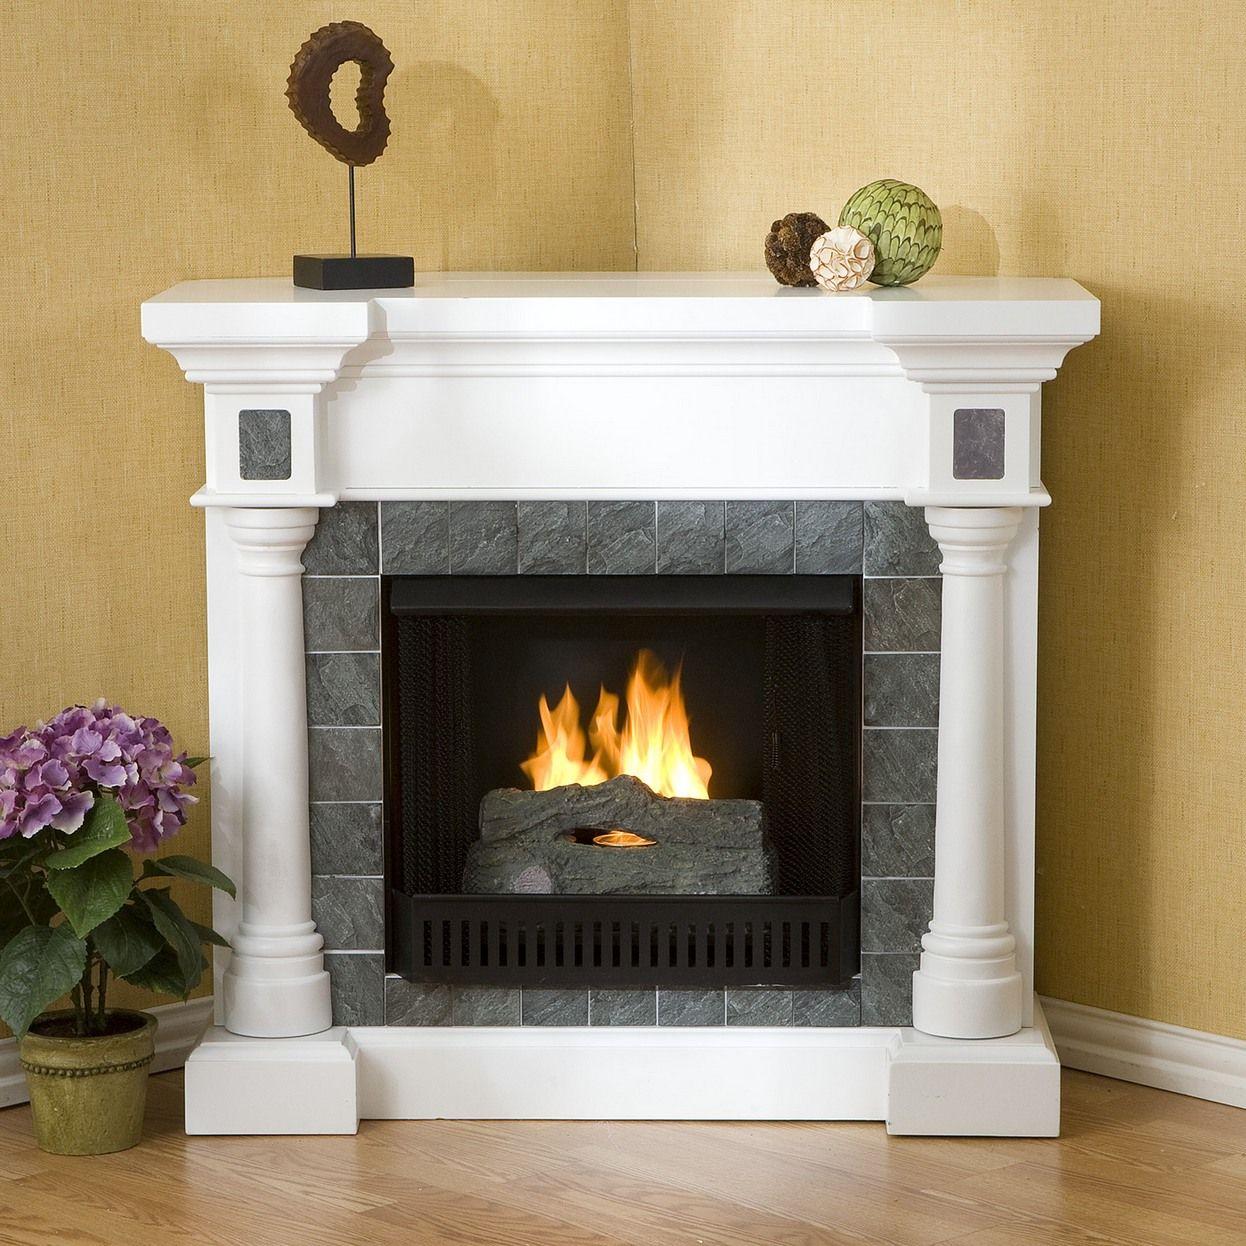 firplace idea simple ideas corner fireplace tile corner fireplaces design ideas - Electric Fireplace Design Ideas